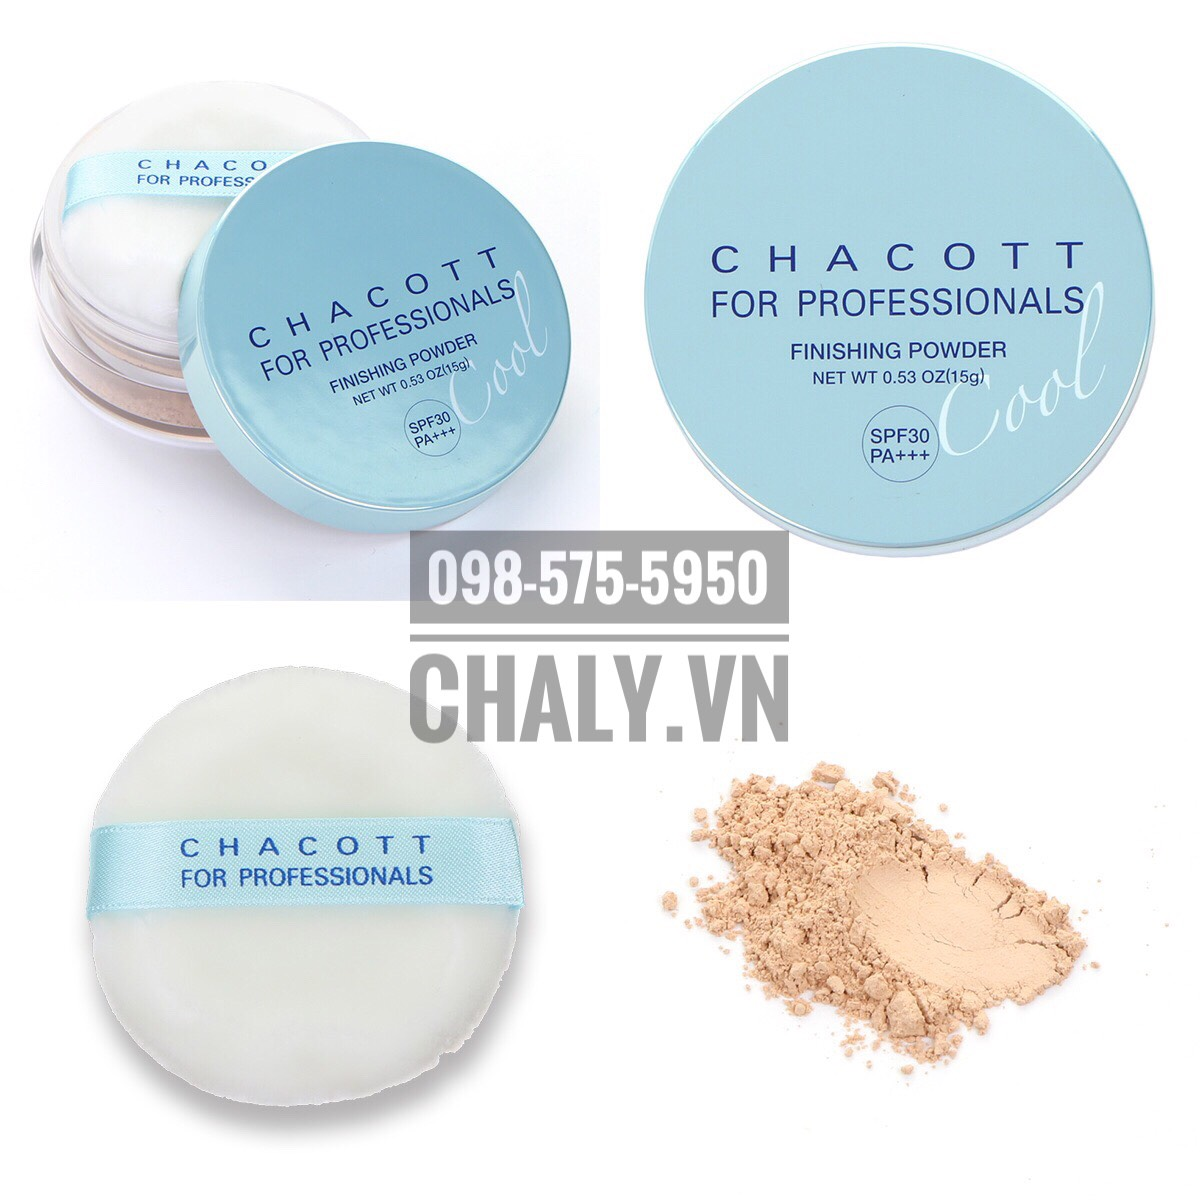 Phấn chống nắng nào tốt? Chắc chắn hè 2019 thì không thể không thử dùng em phấn kiềm dầu mới tinh Chacott UV finishing powder cool này được !